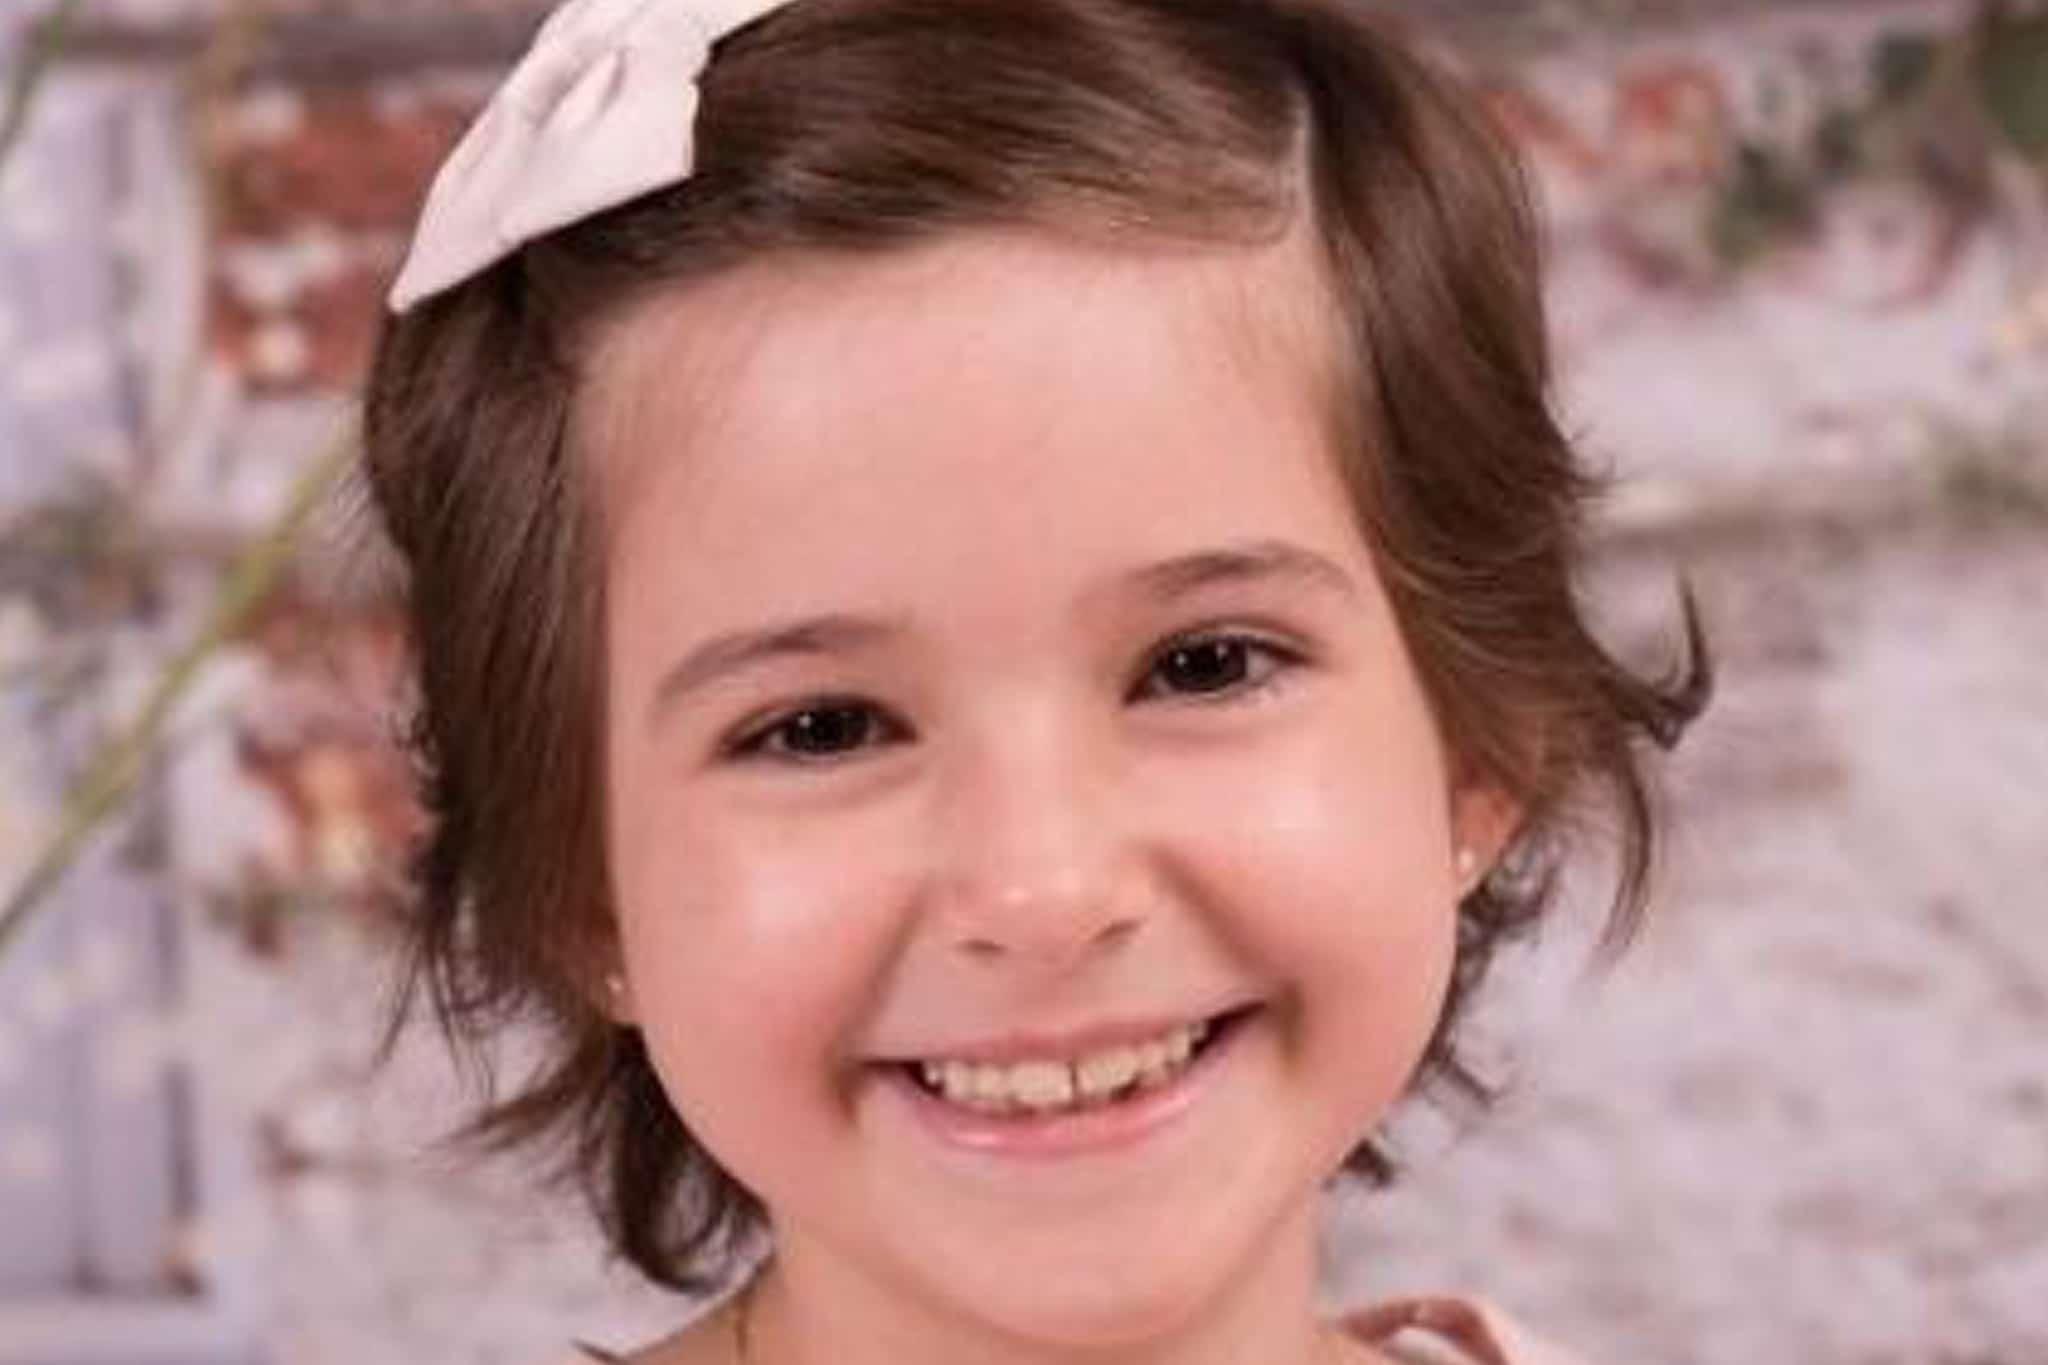 Stammzellenspende für Sophia